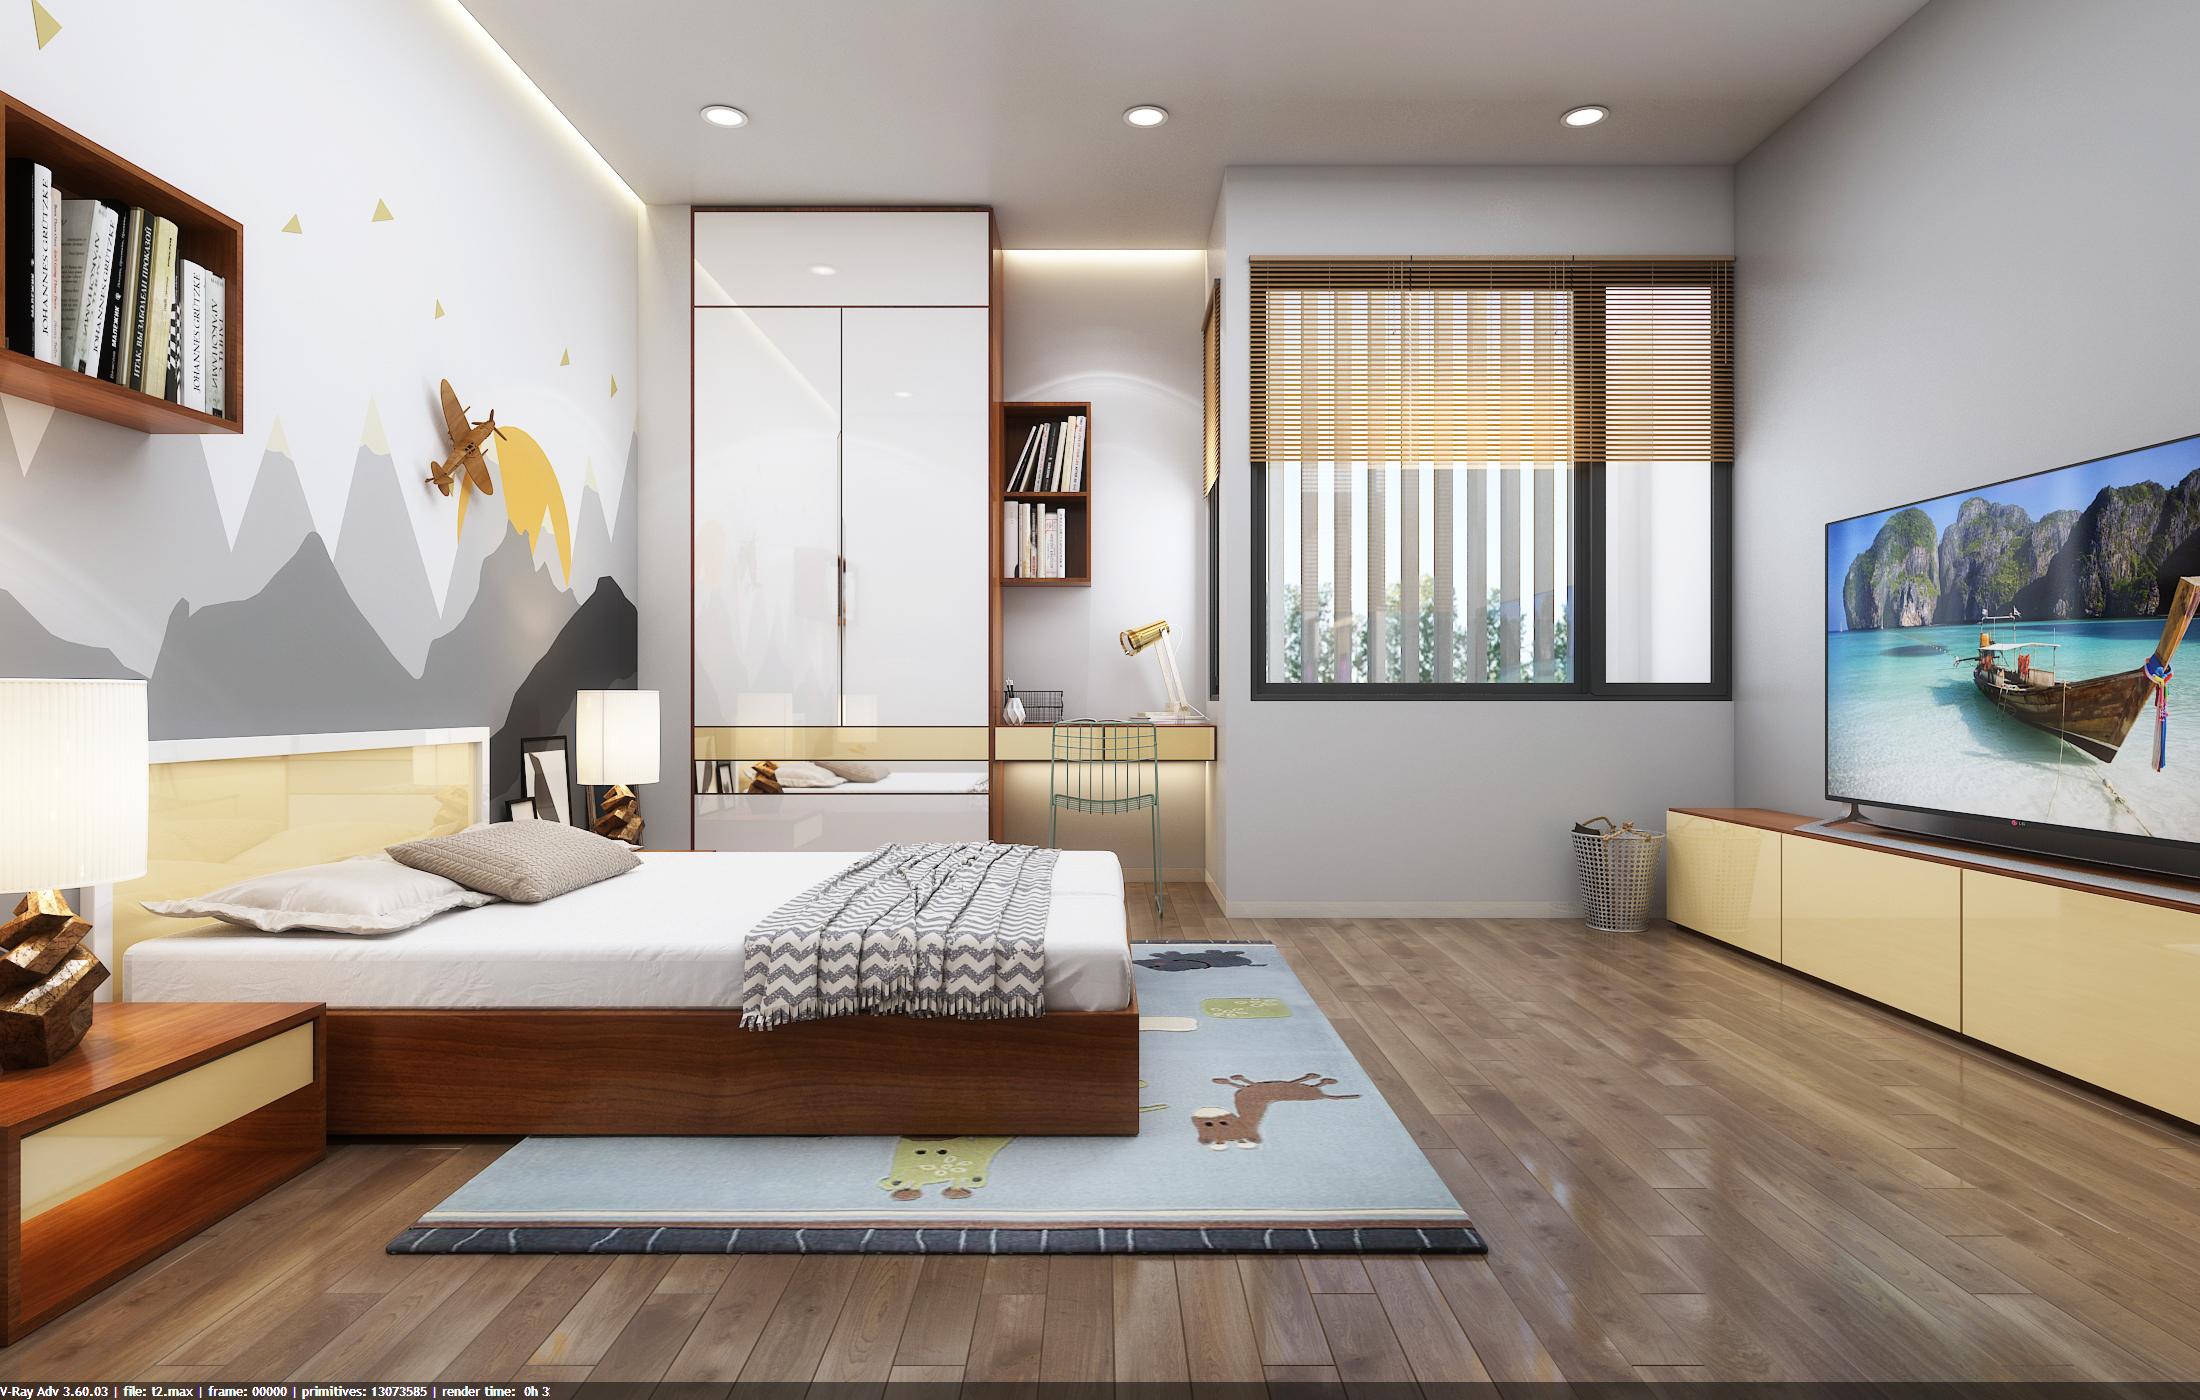 thiết kế nội thất Nhà Mặt Phố tại Đà Nẵng Loc House Interior 10 1548312557